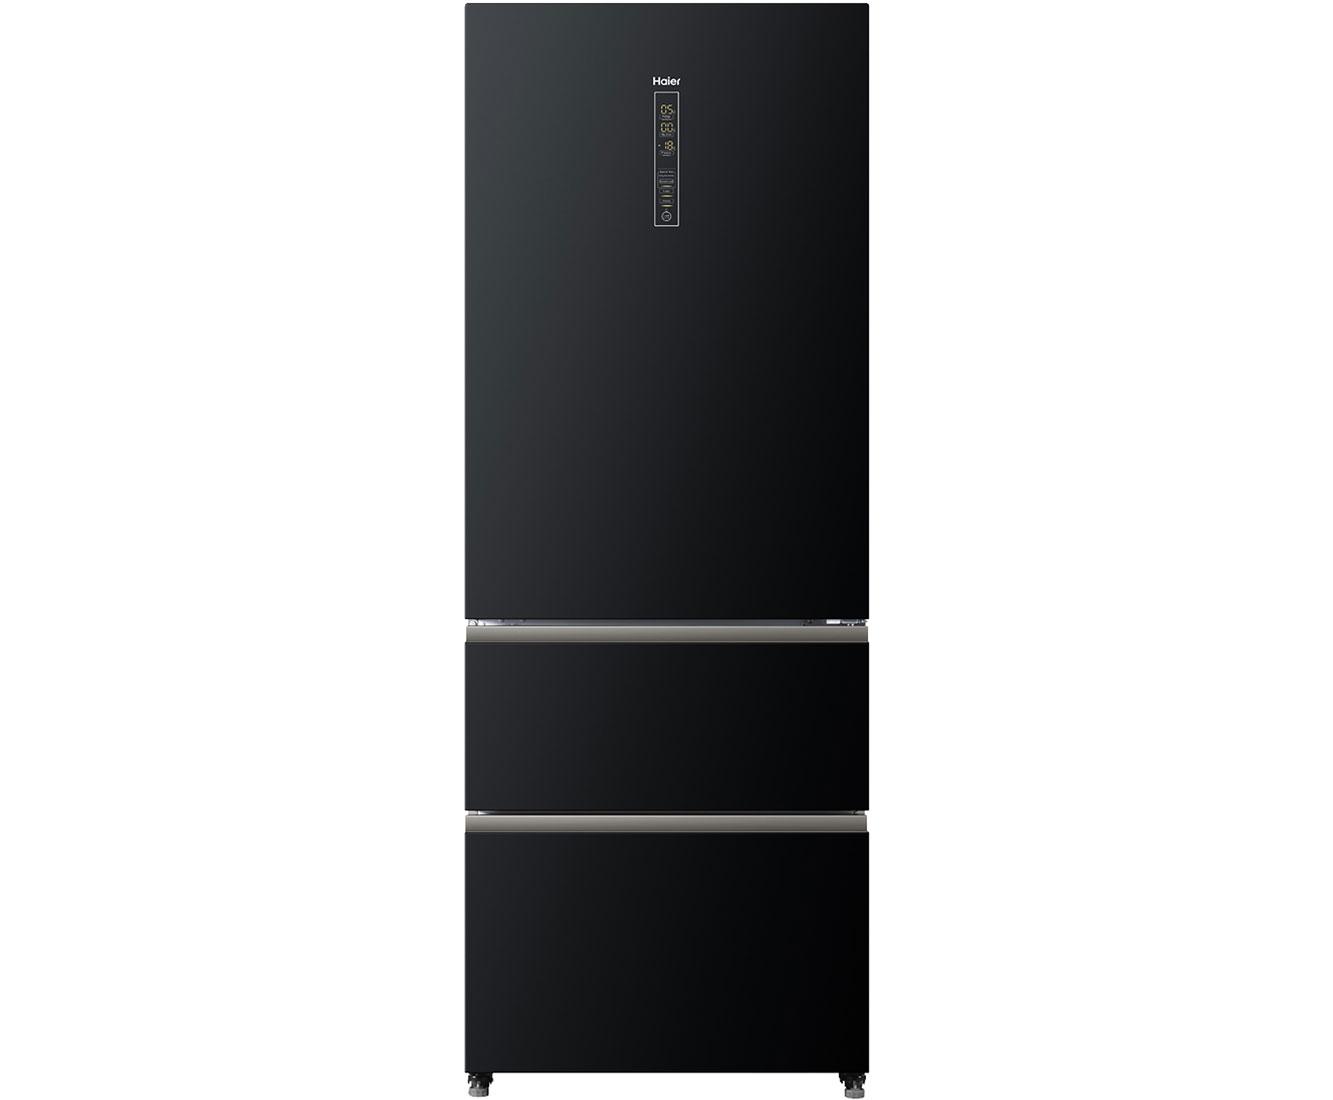 Klarstein Beerbauch Kühlschrank Minibar Schwarz : Kühlschrank schwarz preisvergleich u die besten angebote online kaufen